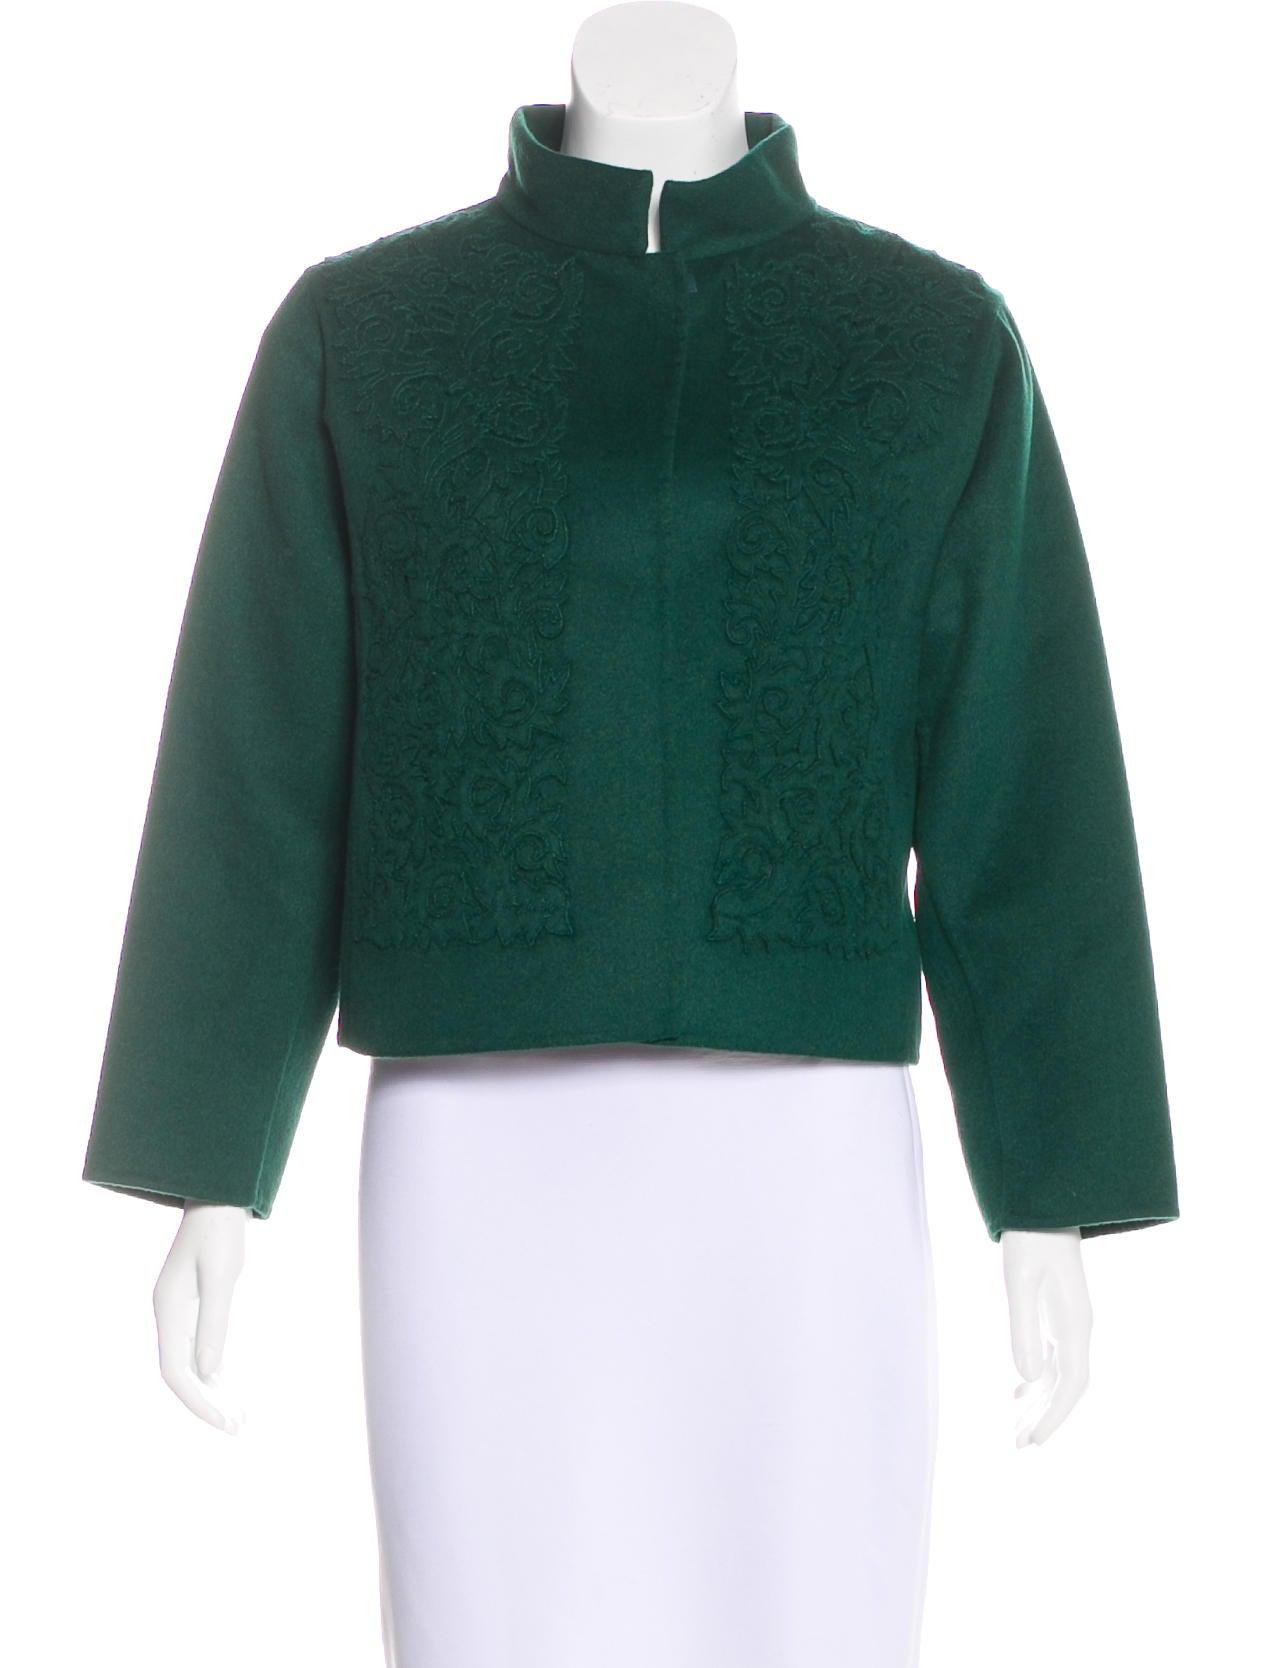 Oscar de la renta wool blend embroidered jacket clothing